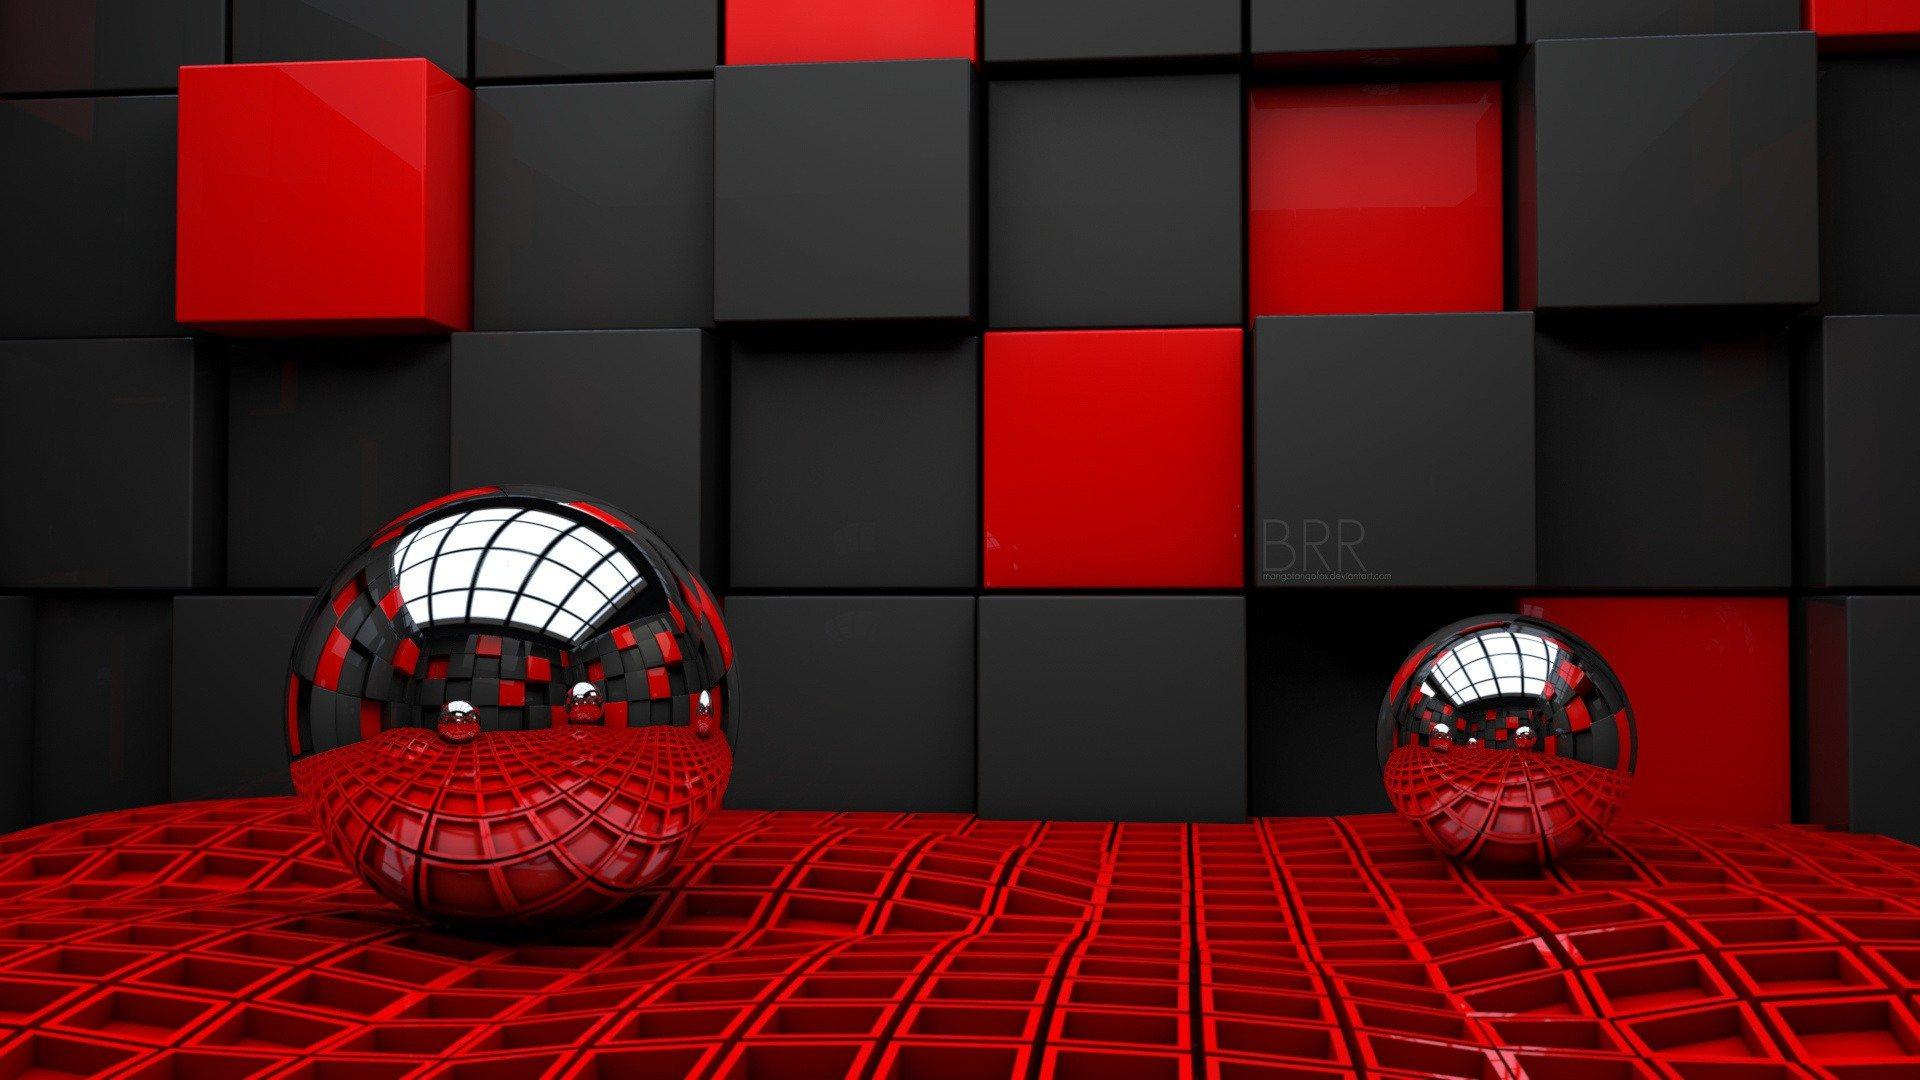 графика 3D кубы цветы graphics Cuba flowers  № 3739301 загрузить